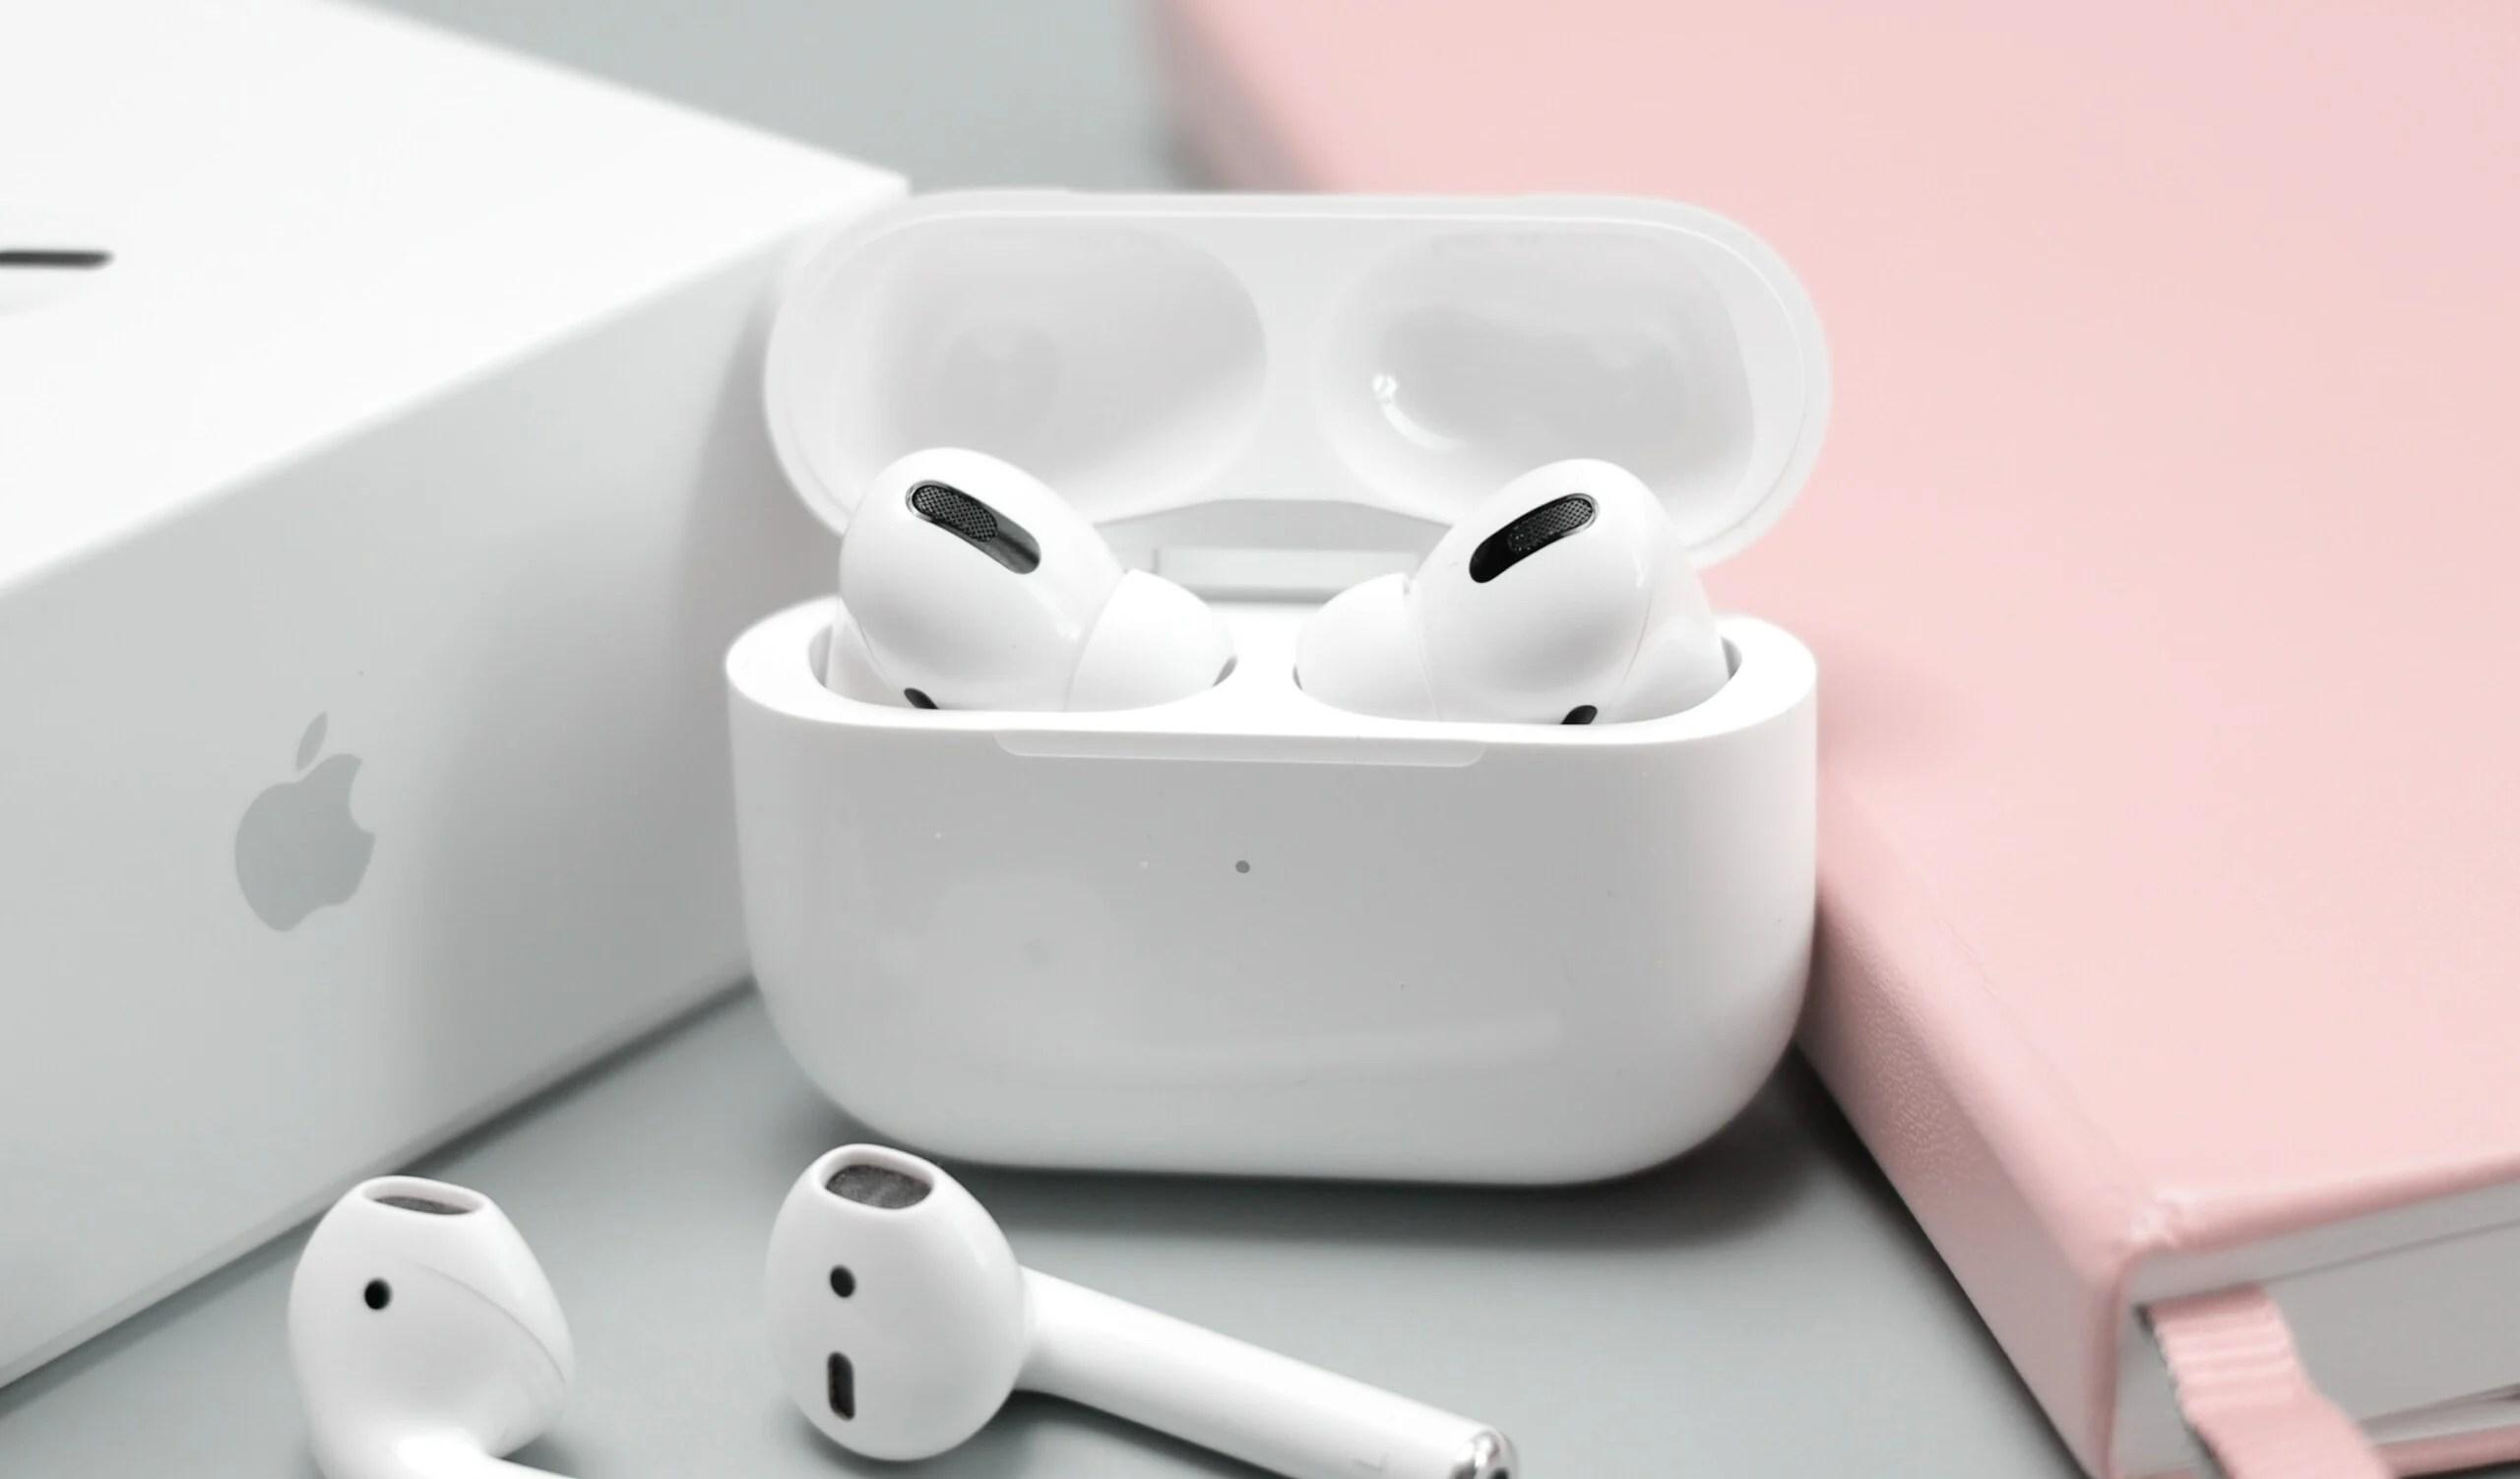 Une Keynote Apple sans AirPods ni Mac : ces absents qui n'en étaient pas vraiment